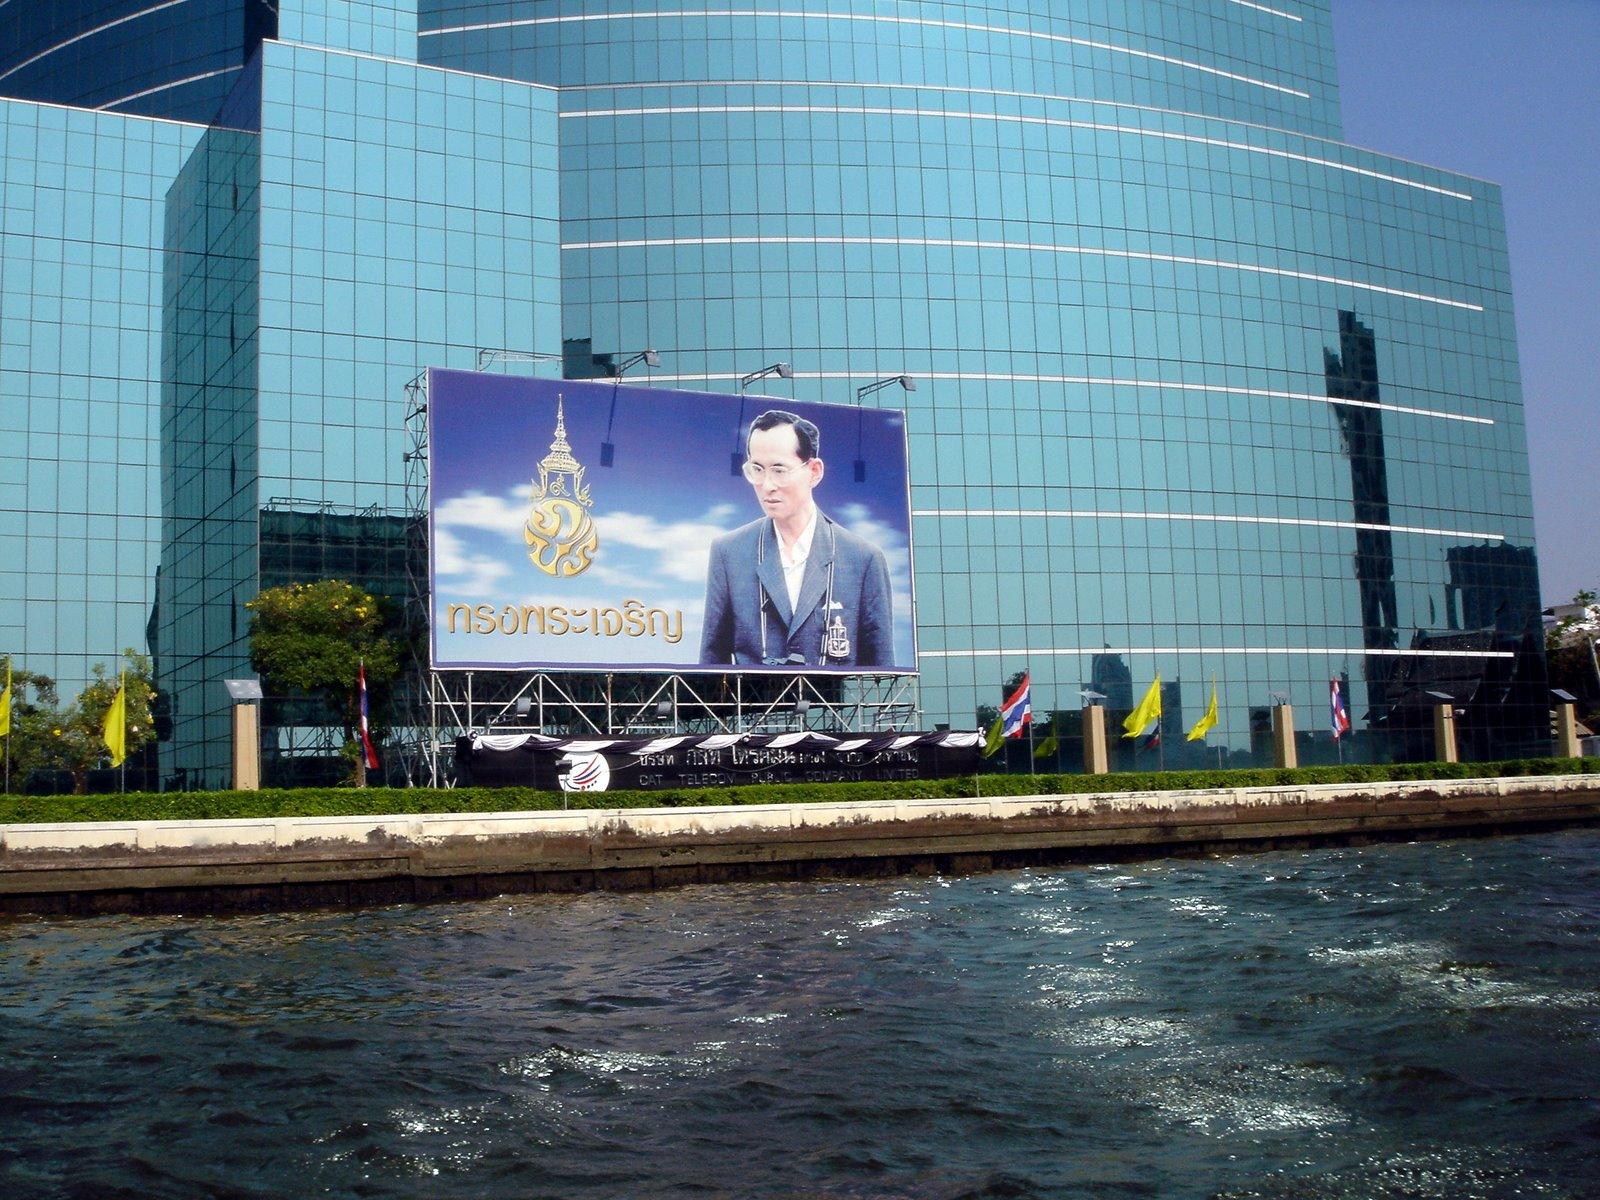 http://1.bp.blogspot.com/--lC3Bjt7p1U/TqfBCzKqweI/AAAAAAAADV0/bl6xDldHskQ/s1600/Bangkok_Singapore+%25282%2529.jpg